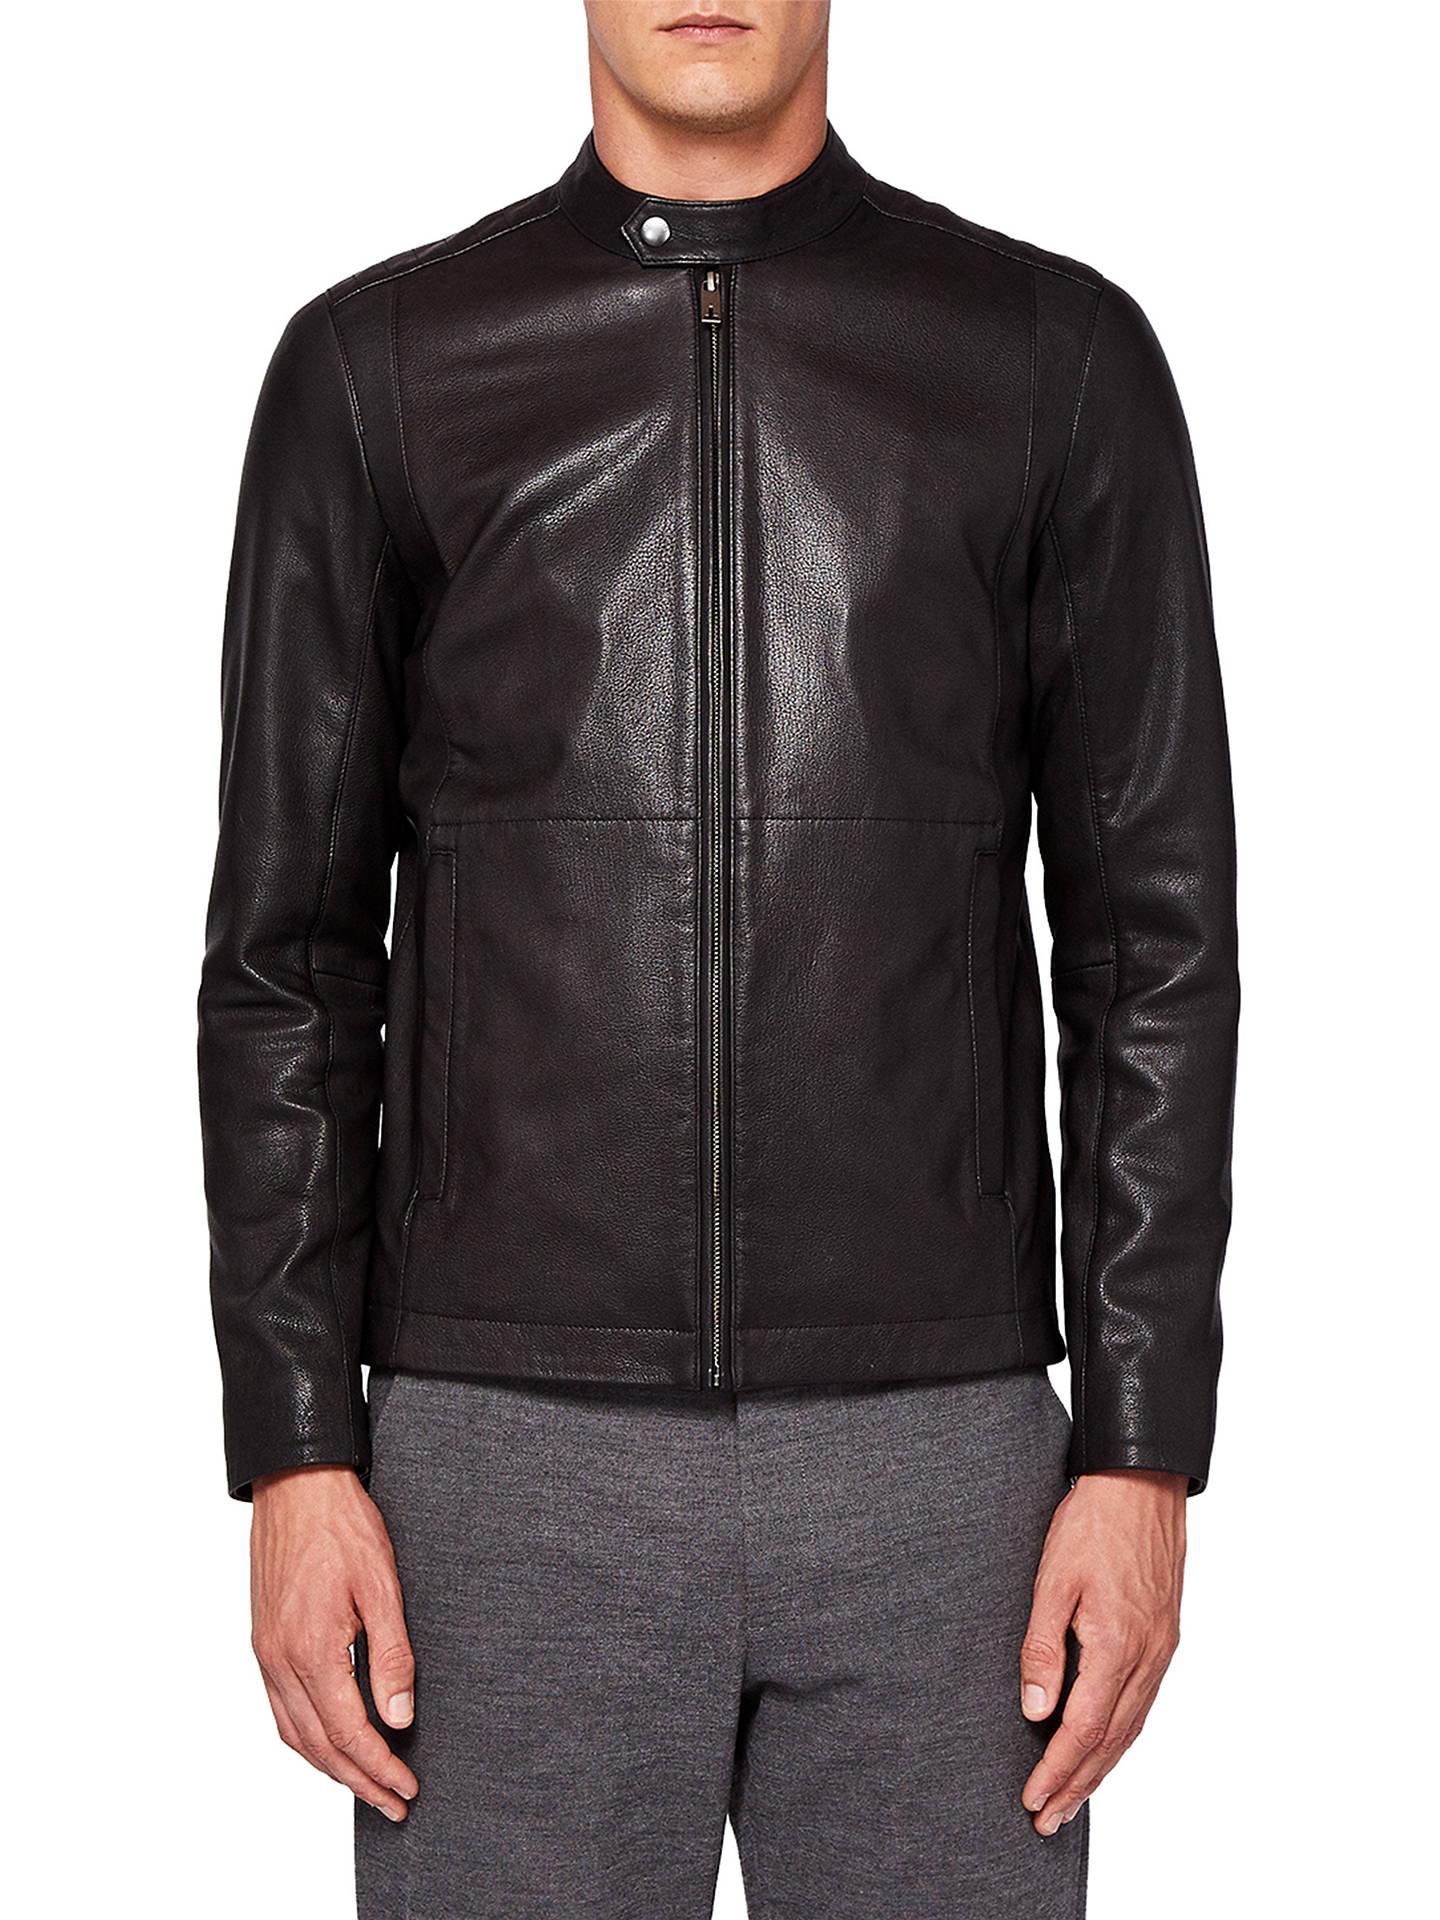 9f12af979 Ted Baker Mate Biker Jacket at John Lewis   Partners